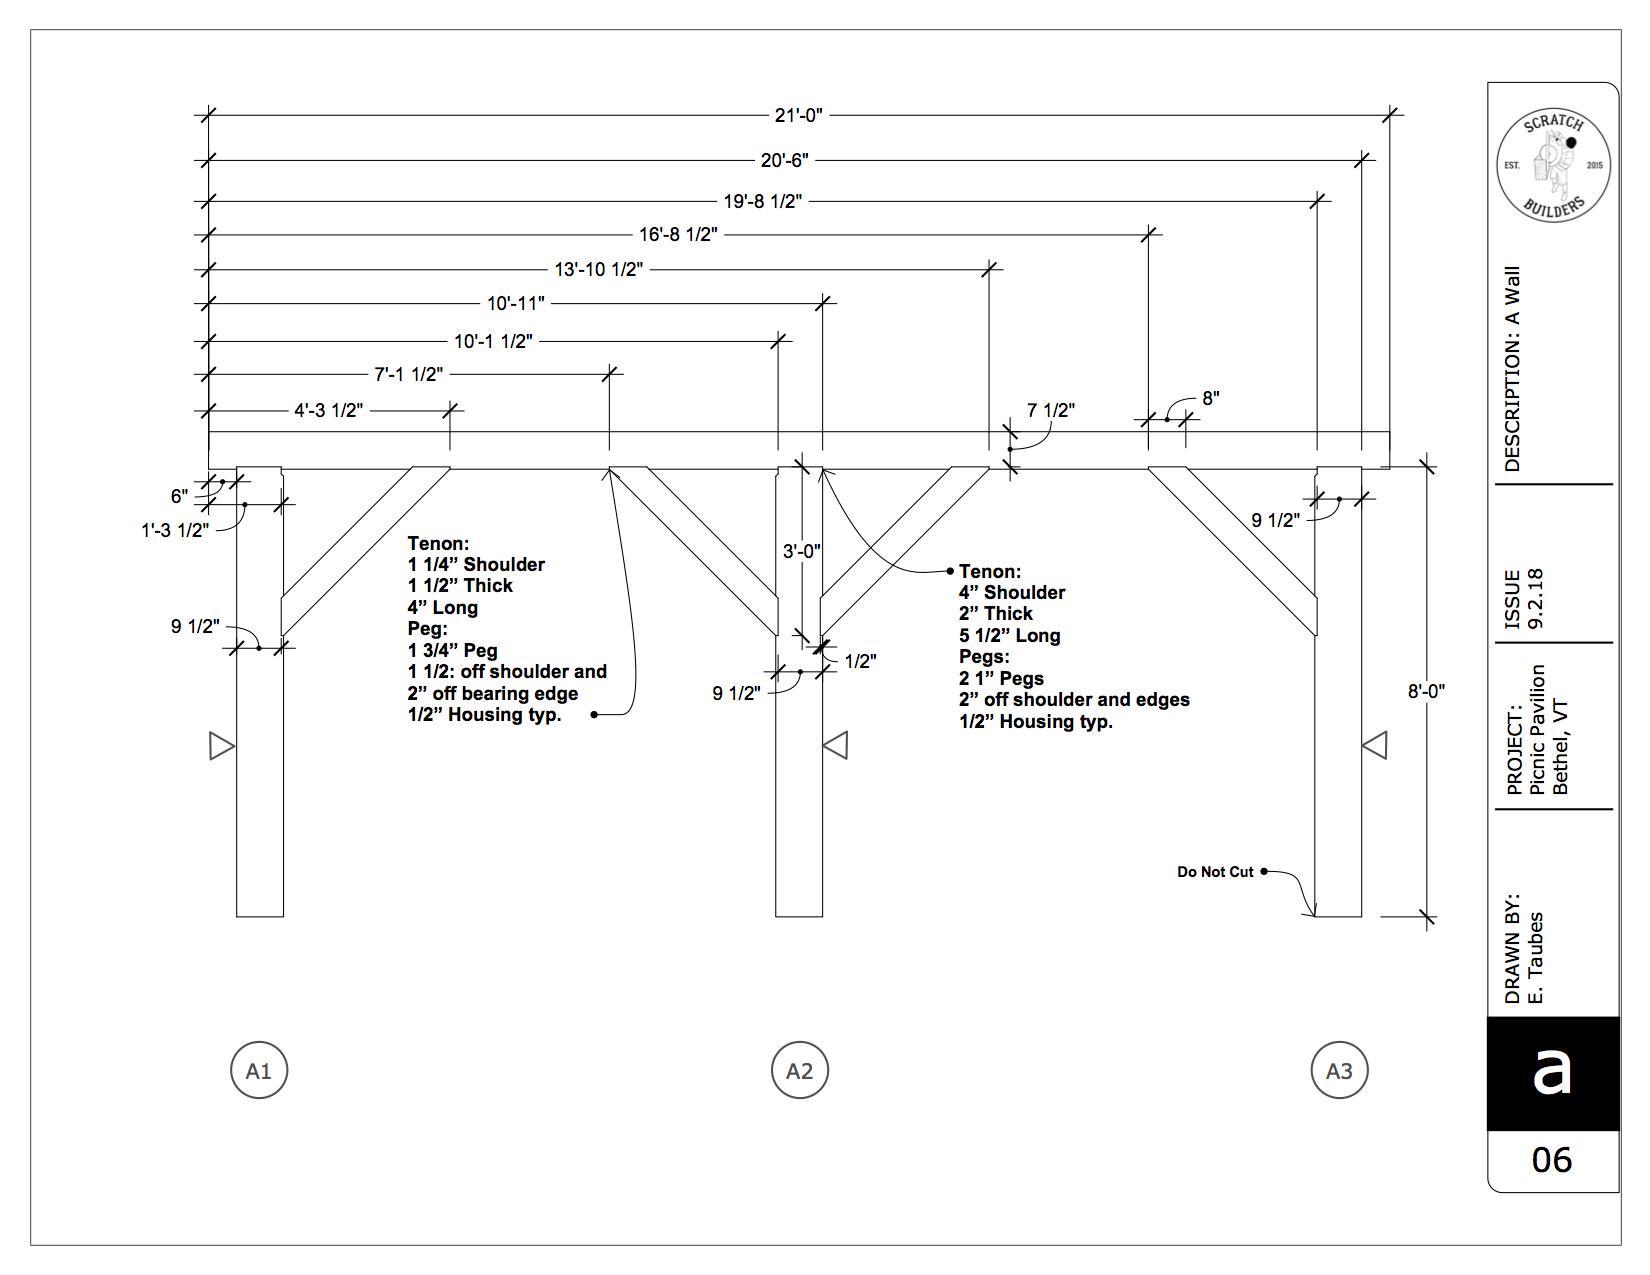 Strafford Drawing copy (dragged) 5.jpg